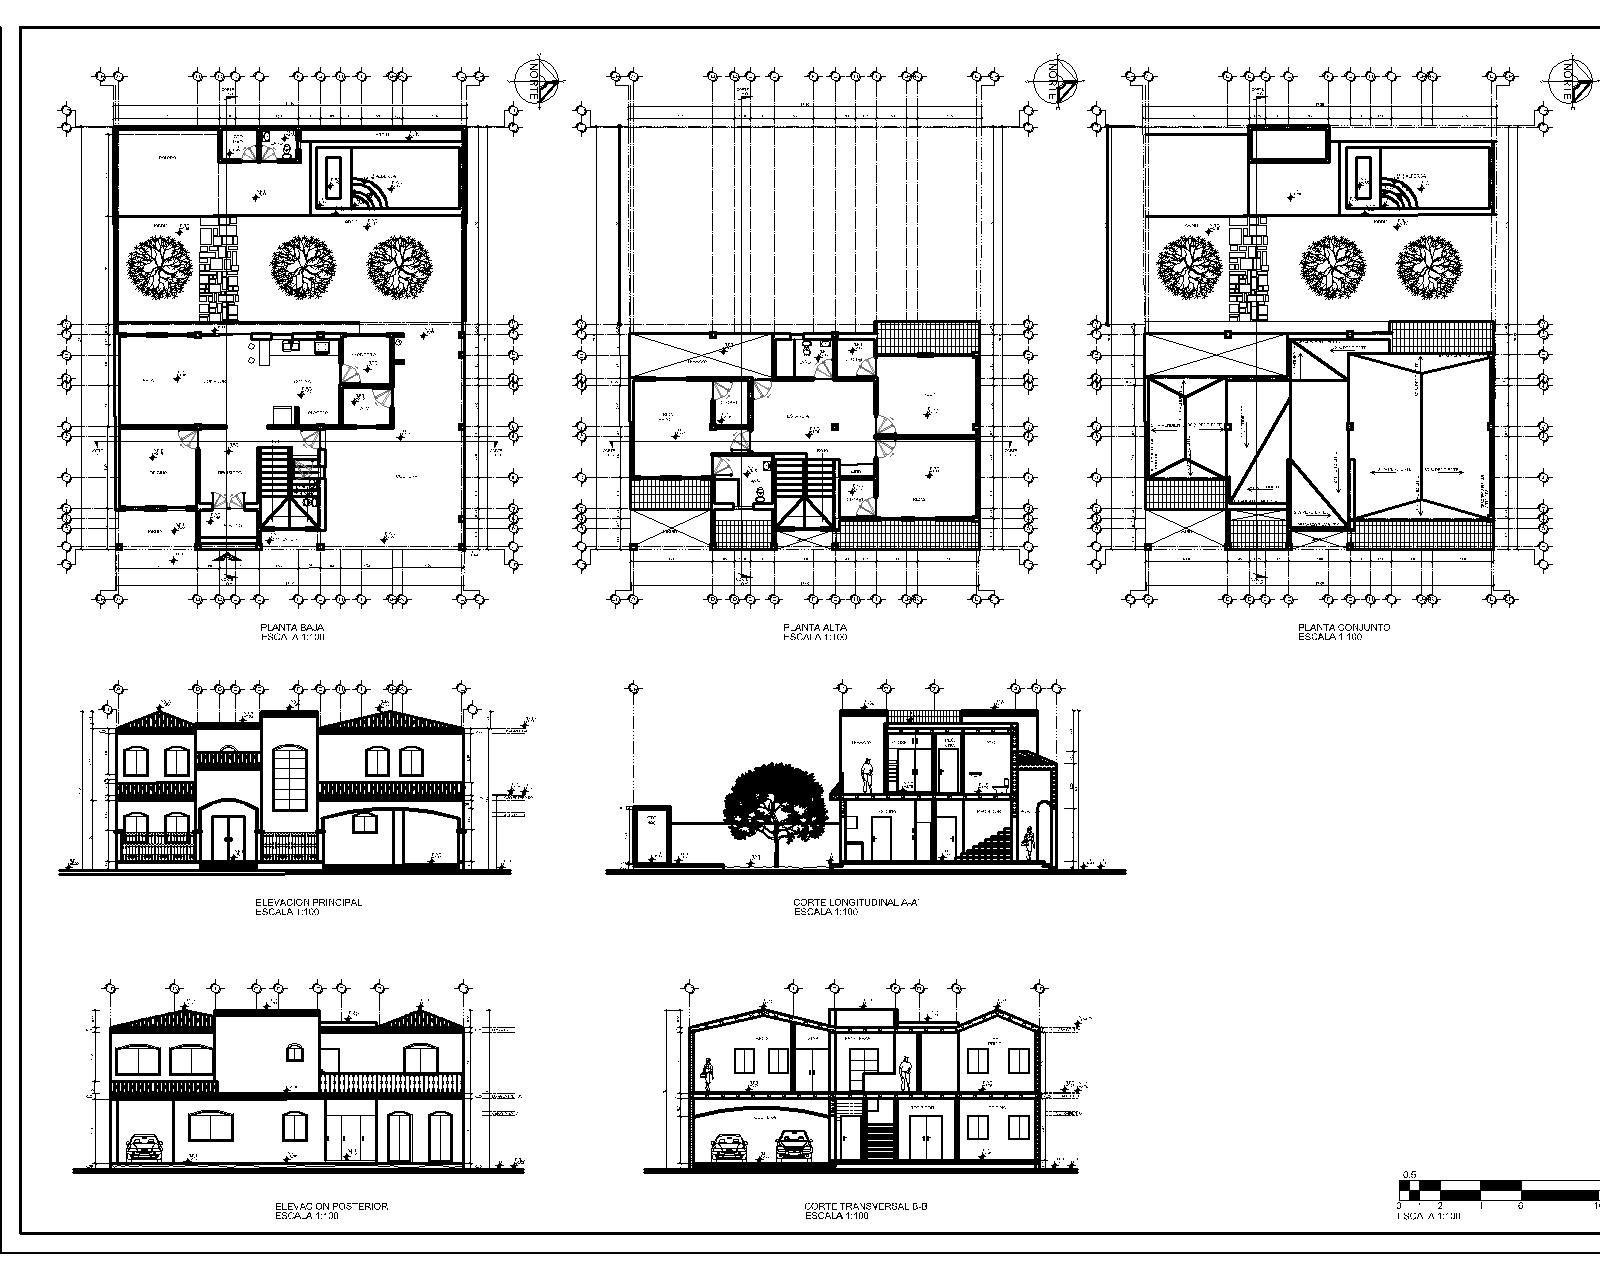 Proyecto arquitectonico plantas cortes y elevaciones for Planos de arquitectura pdf